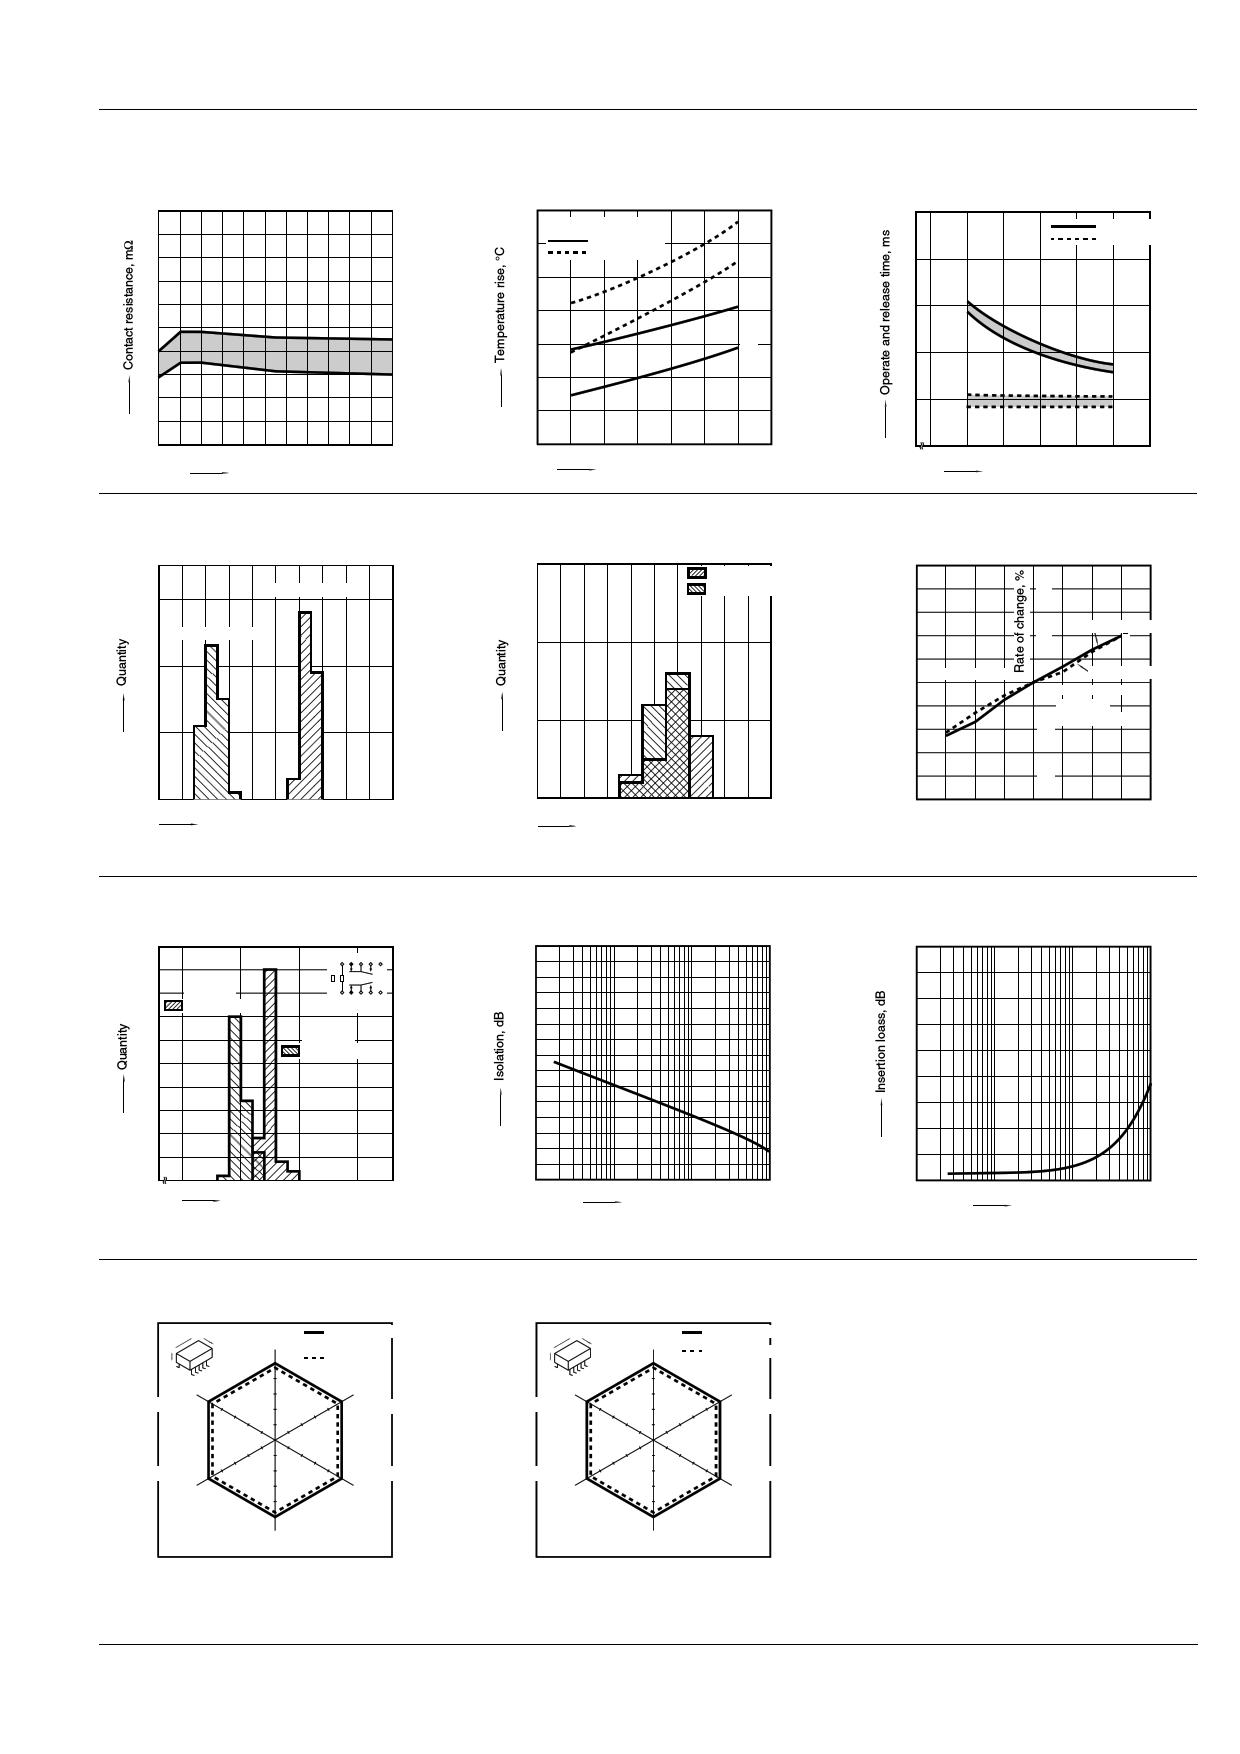 TQ2SS-1.5V pdf, 반도체, 판매, 대치품